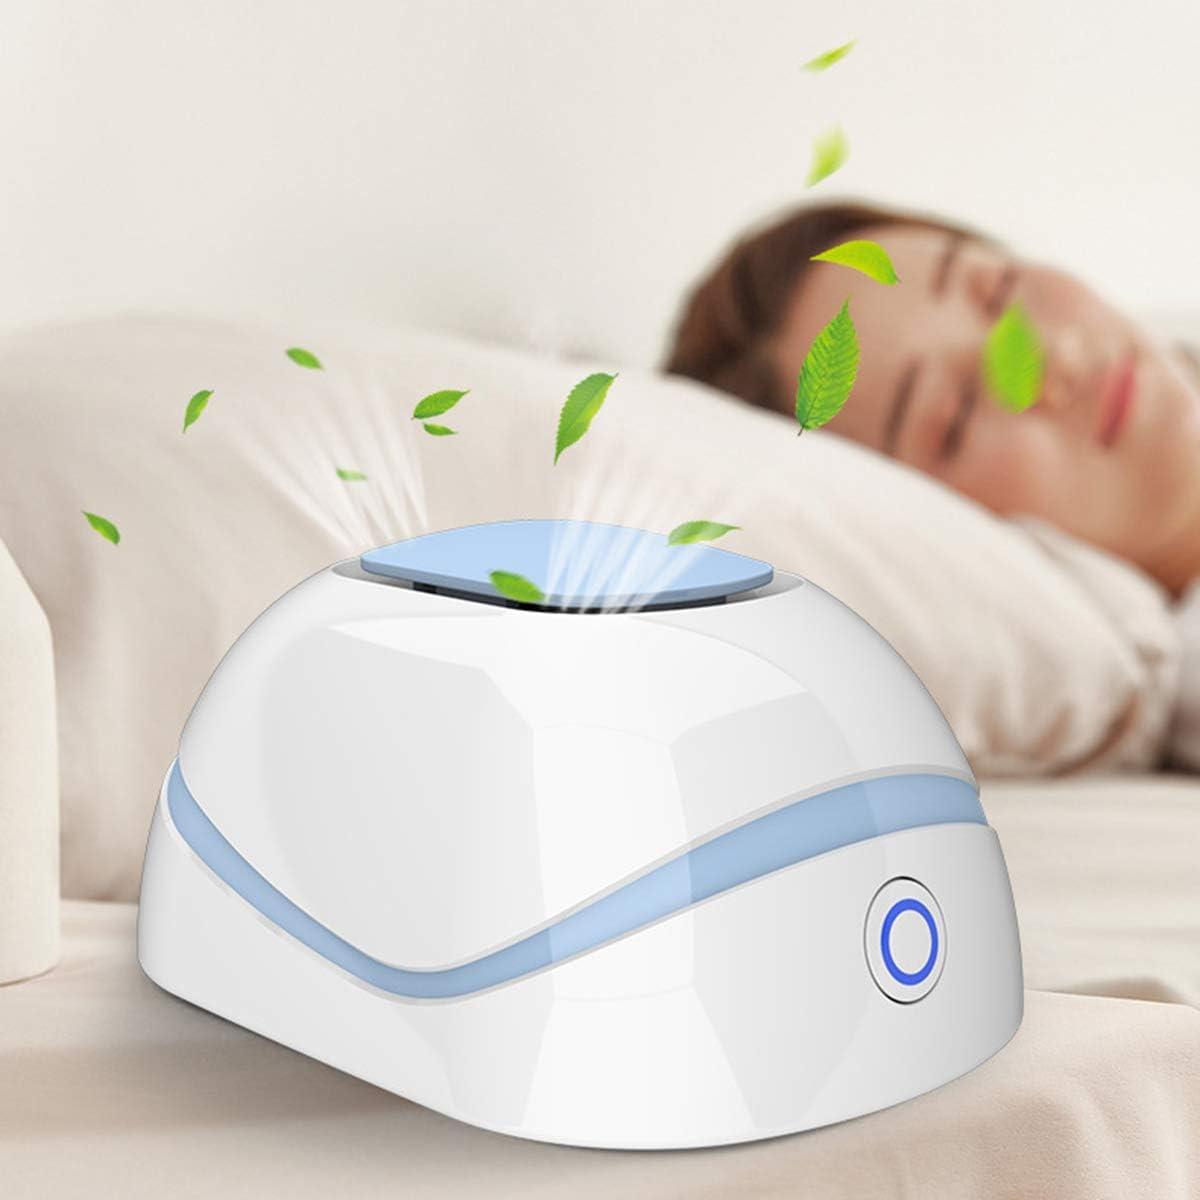 iFCOW Generador de ozono, purificador de aire eléctrico, esterilizador portátil, purificador de aire recargable, eliminador de olores y bacterias para el hogar, para oficina, mascotas